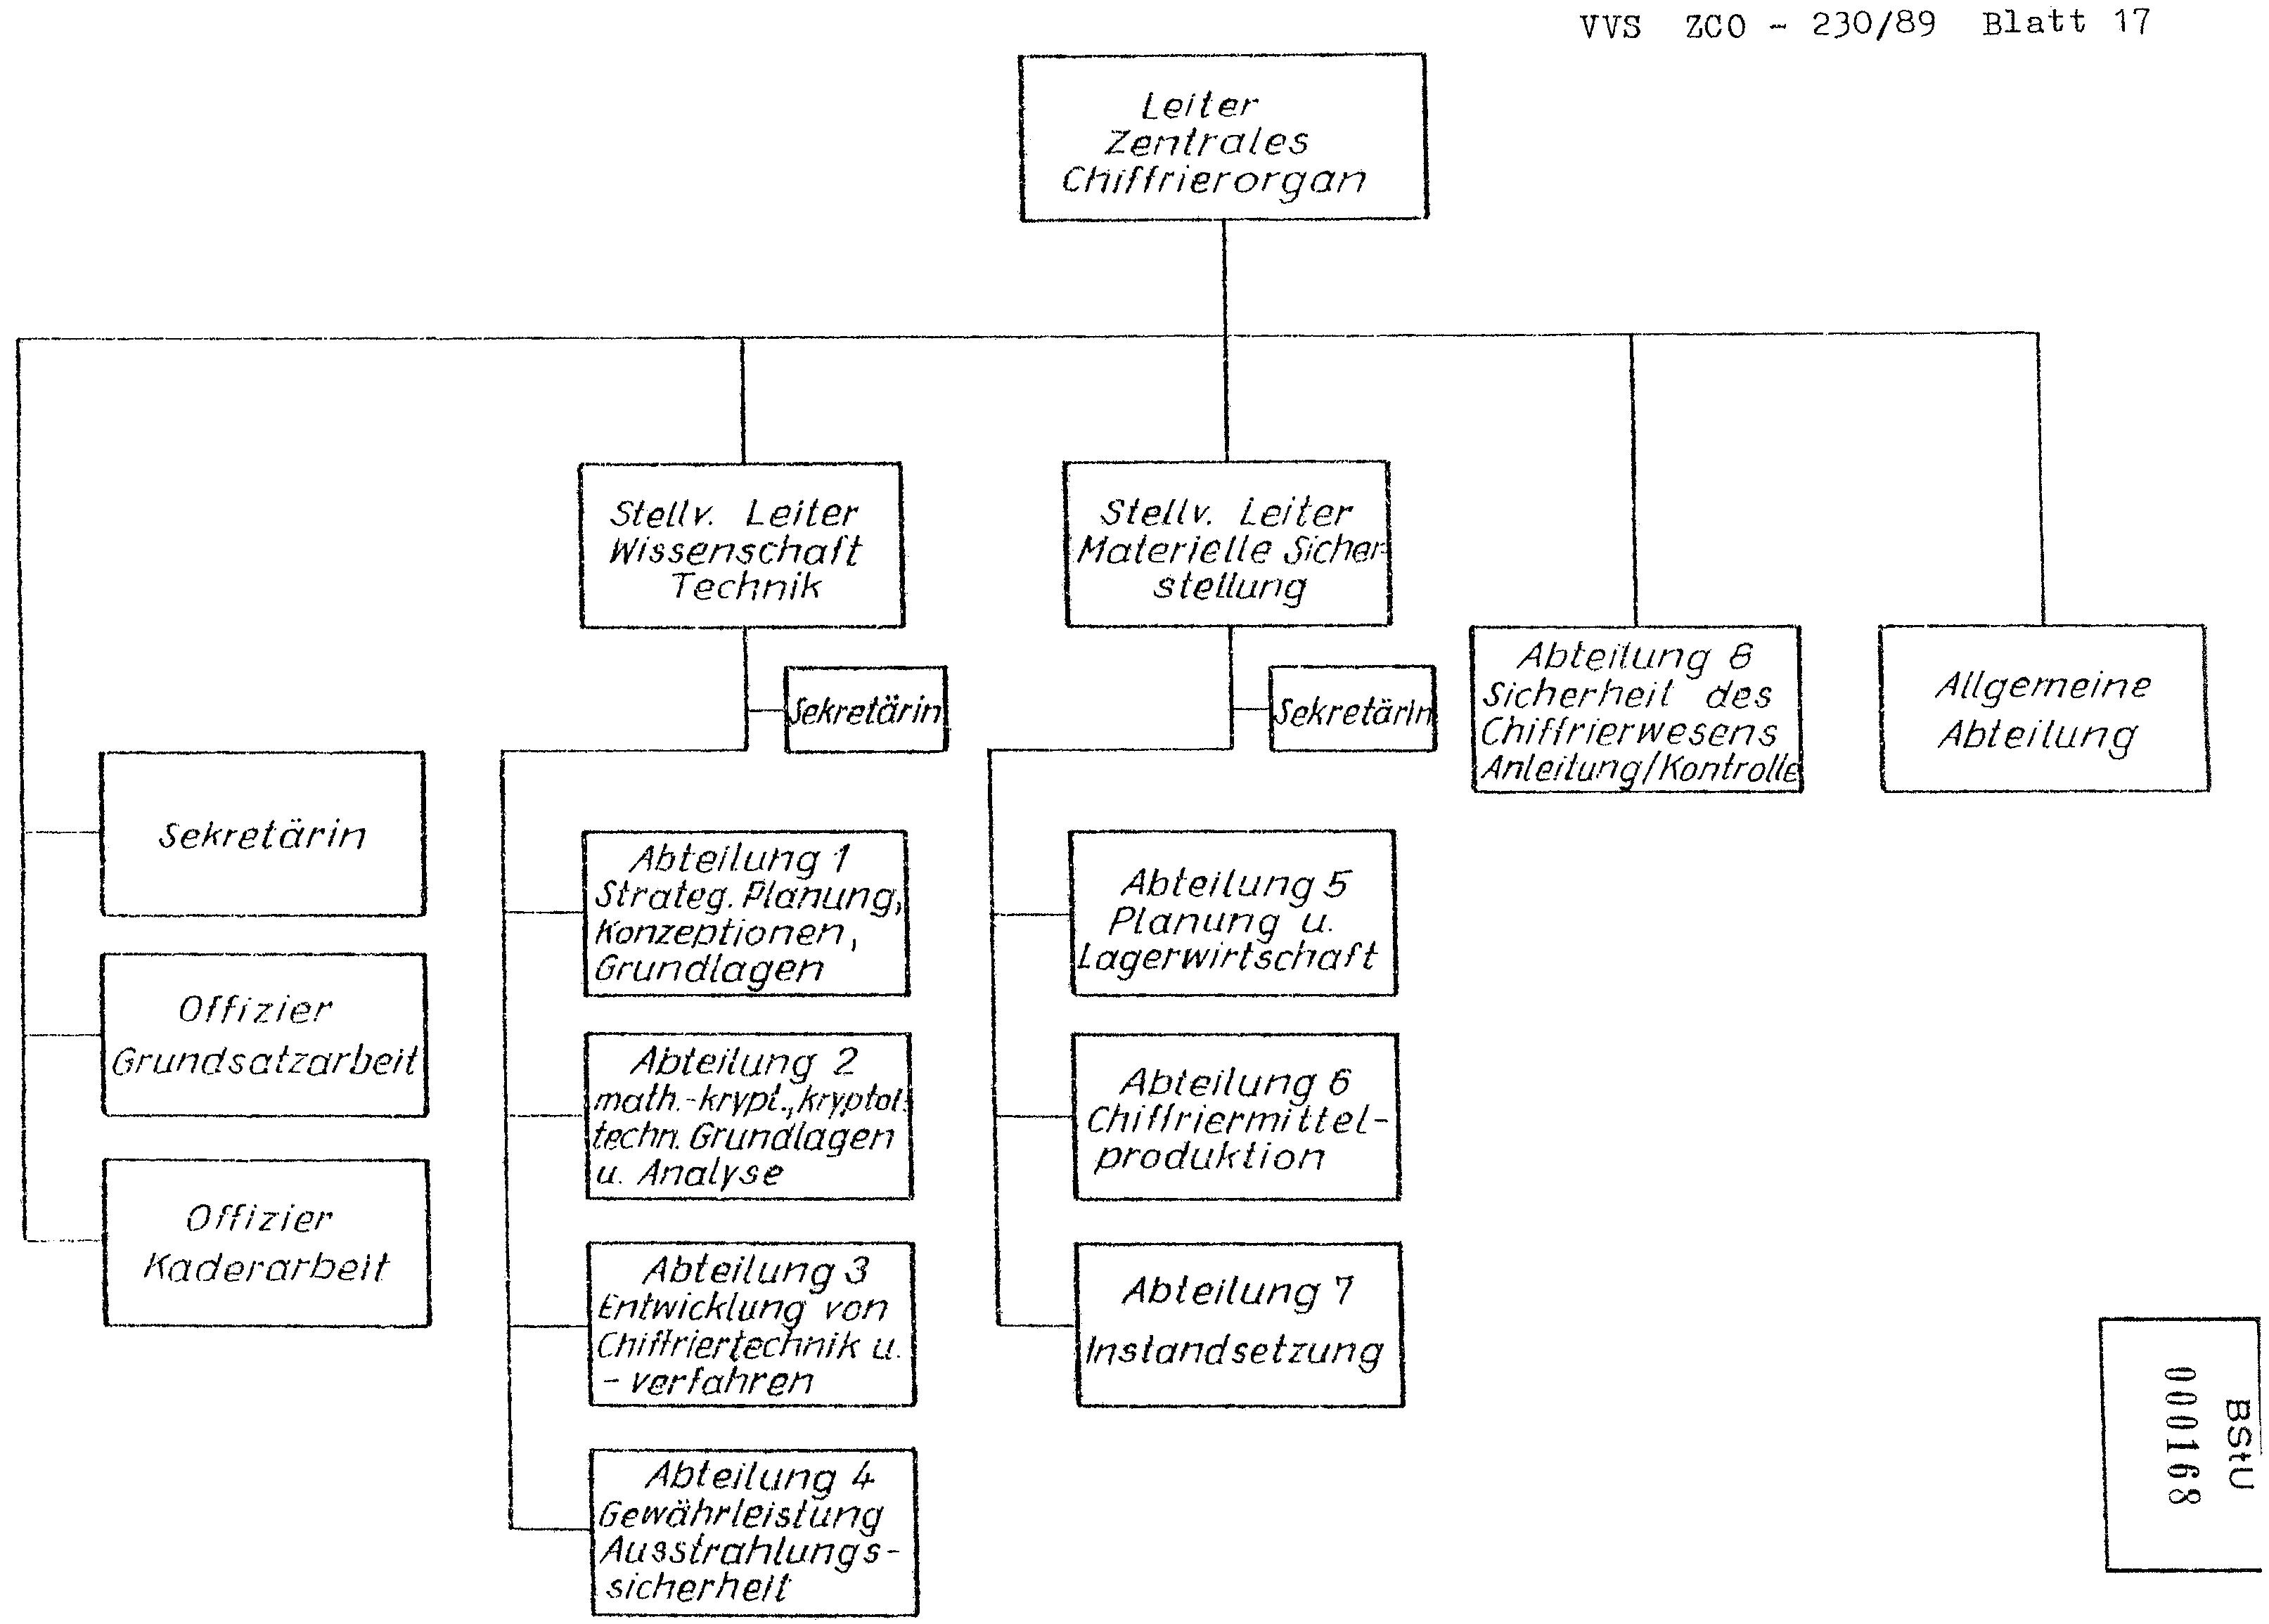 Normativen des ZCO